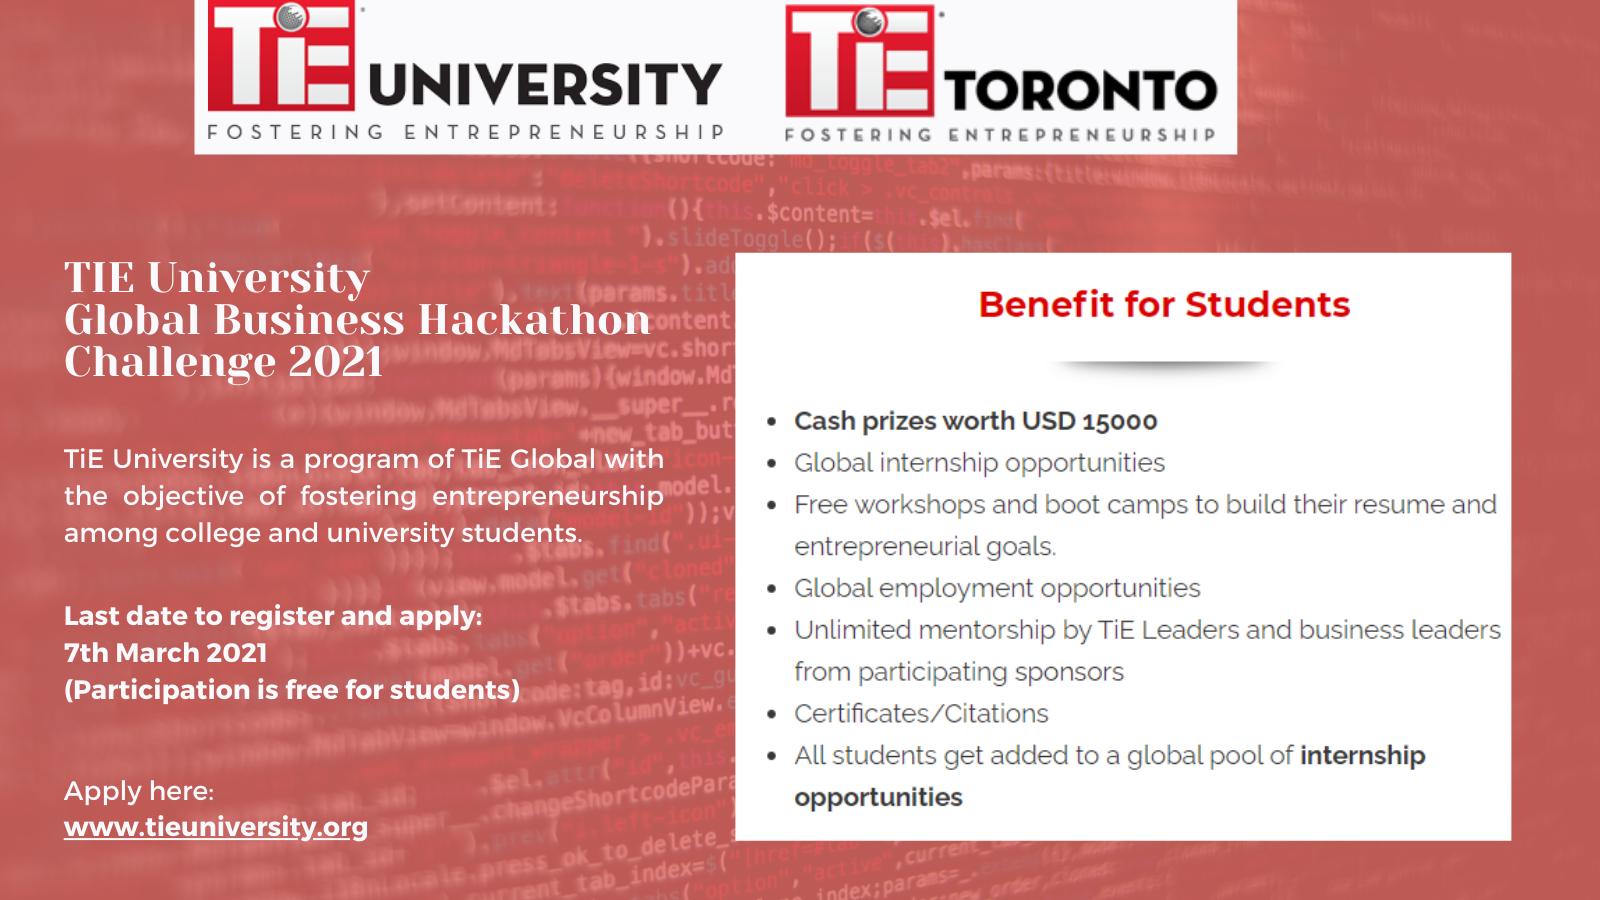 TiE University Global Business Hackathon Challenge 2021